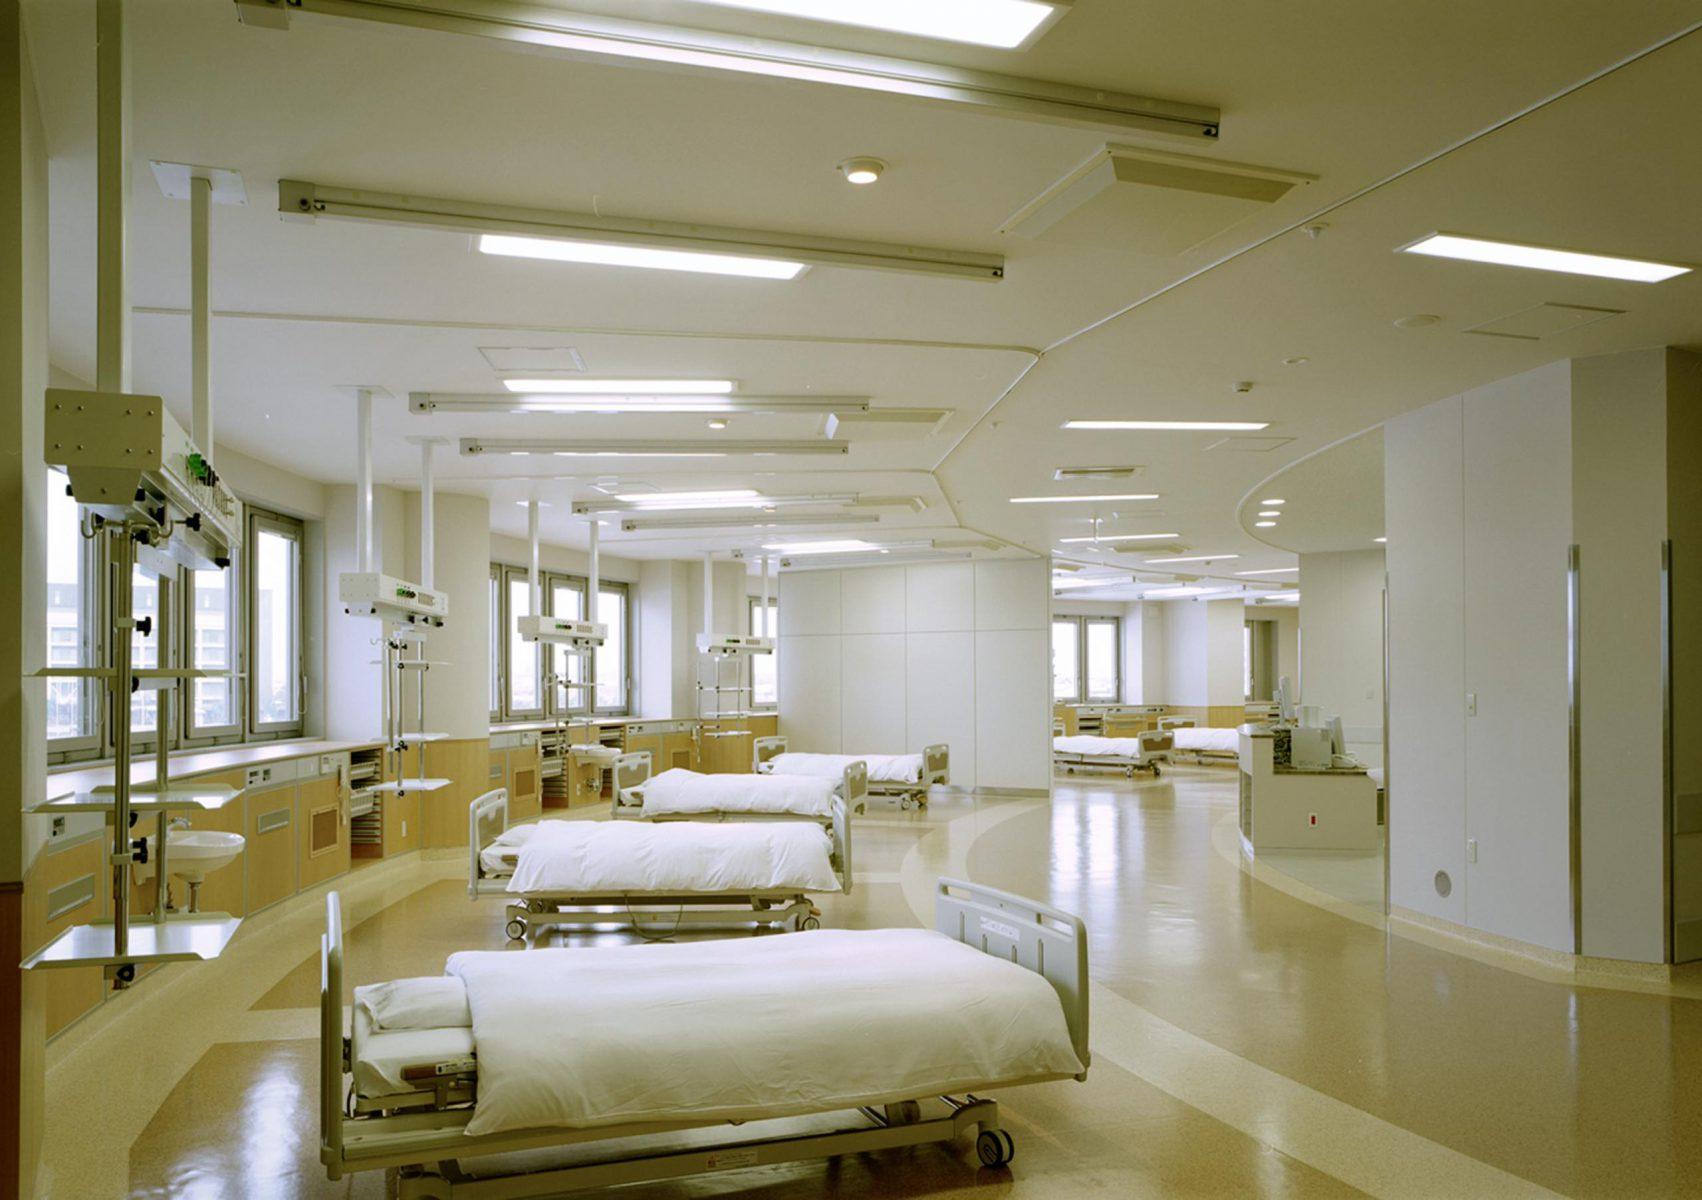 第3次増改築北病棟 2階 回復室